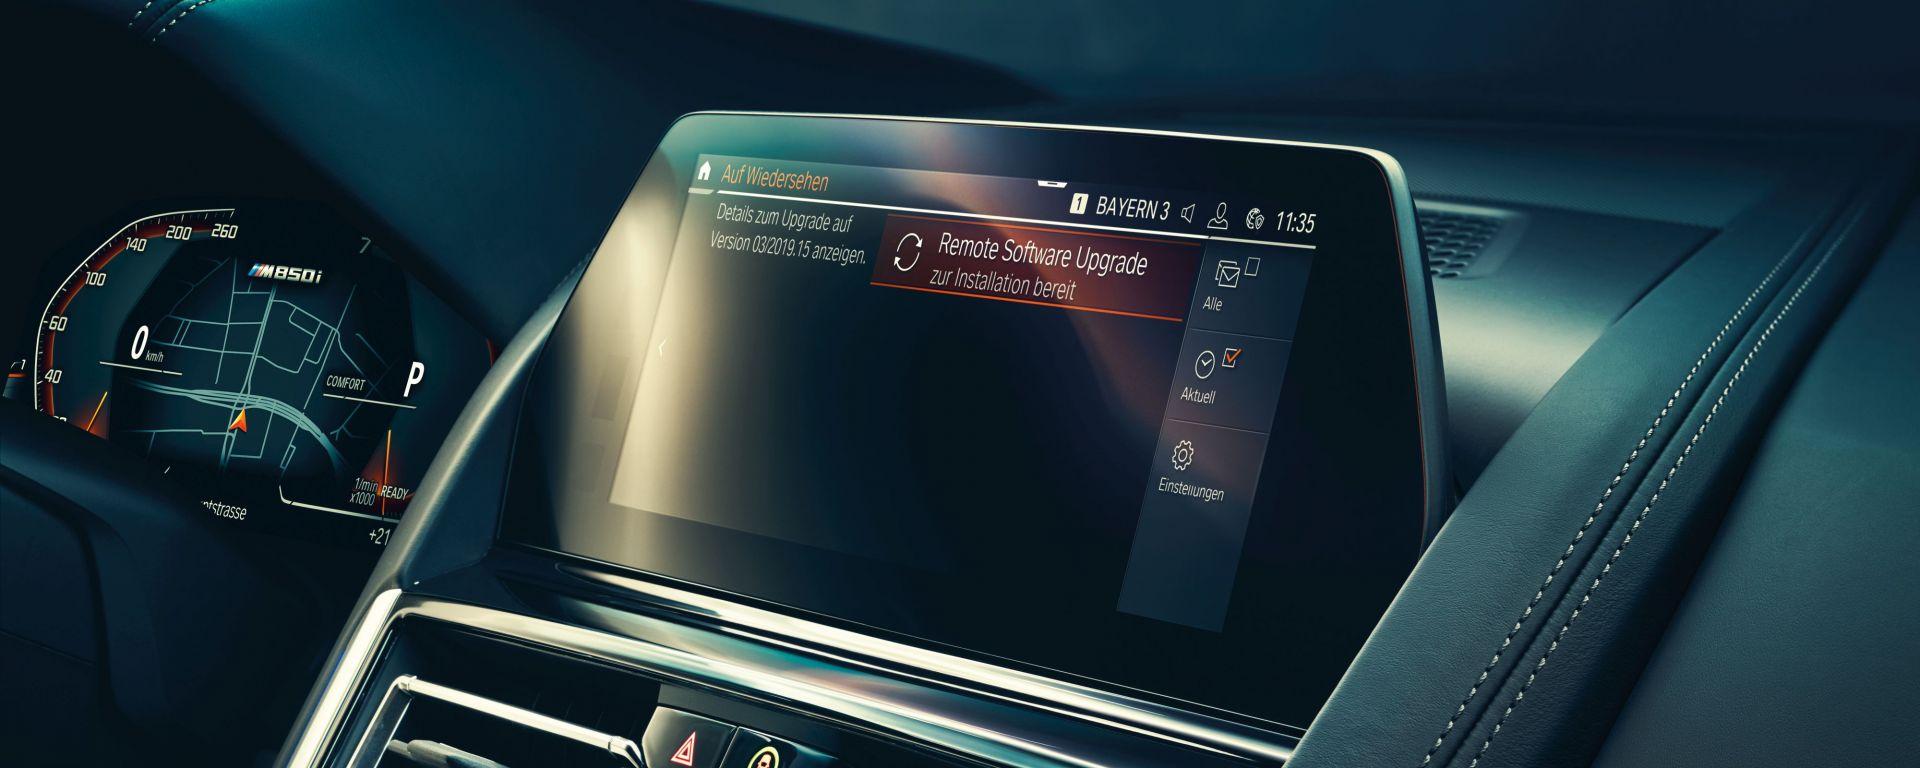 BMW Remote Software Upgrade: le novità dell'ultima versione